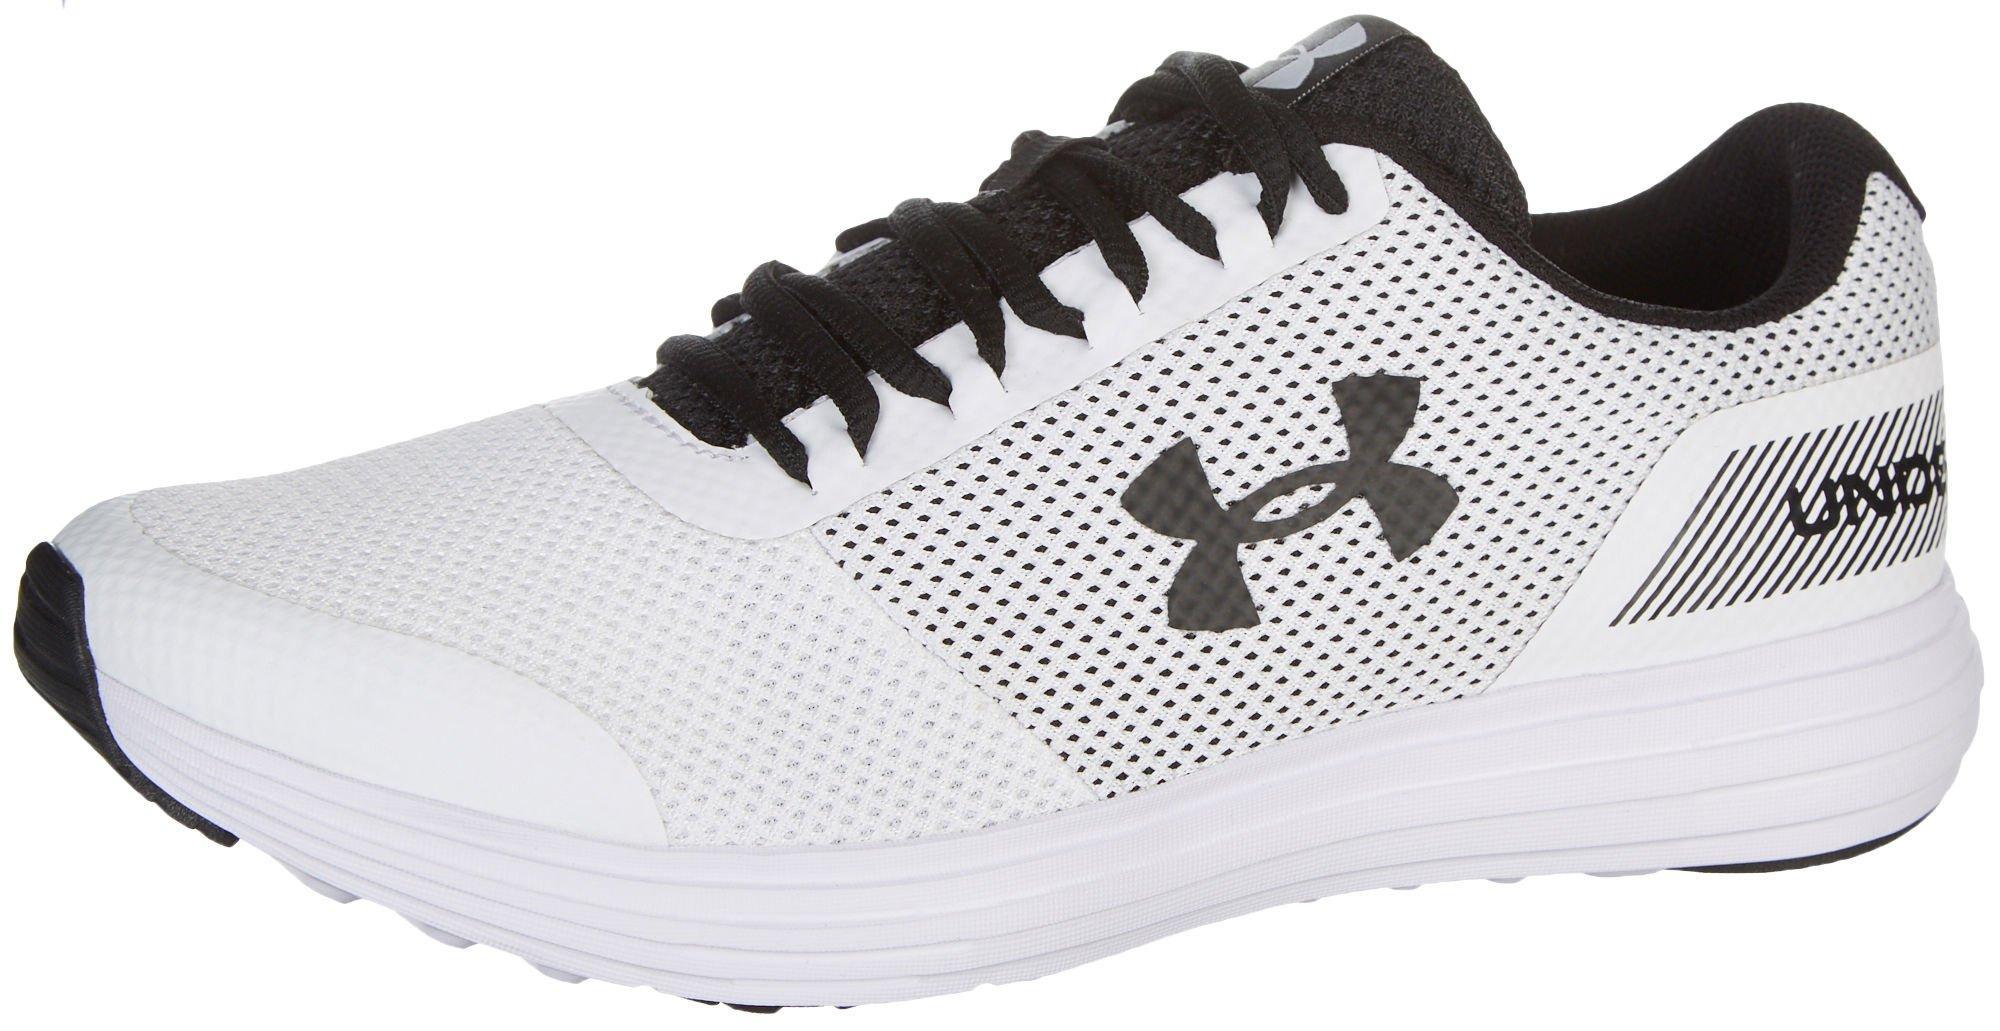 Men's Running Shoes Sneakers & AtletskorBealls Florida Sneakers & Atletskor Bealls Florida